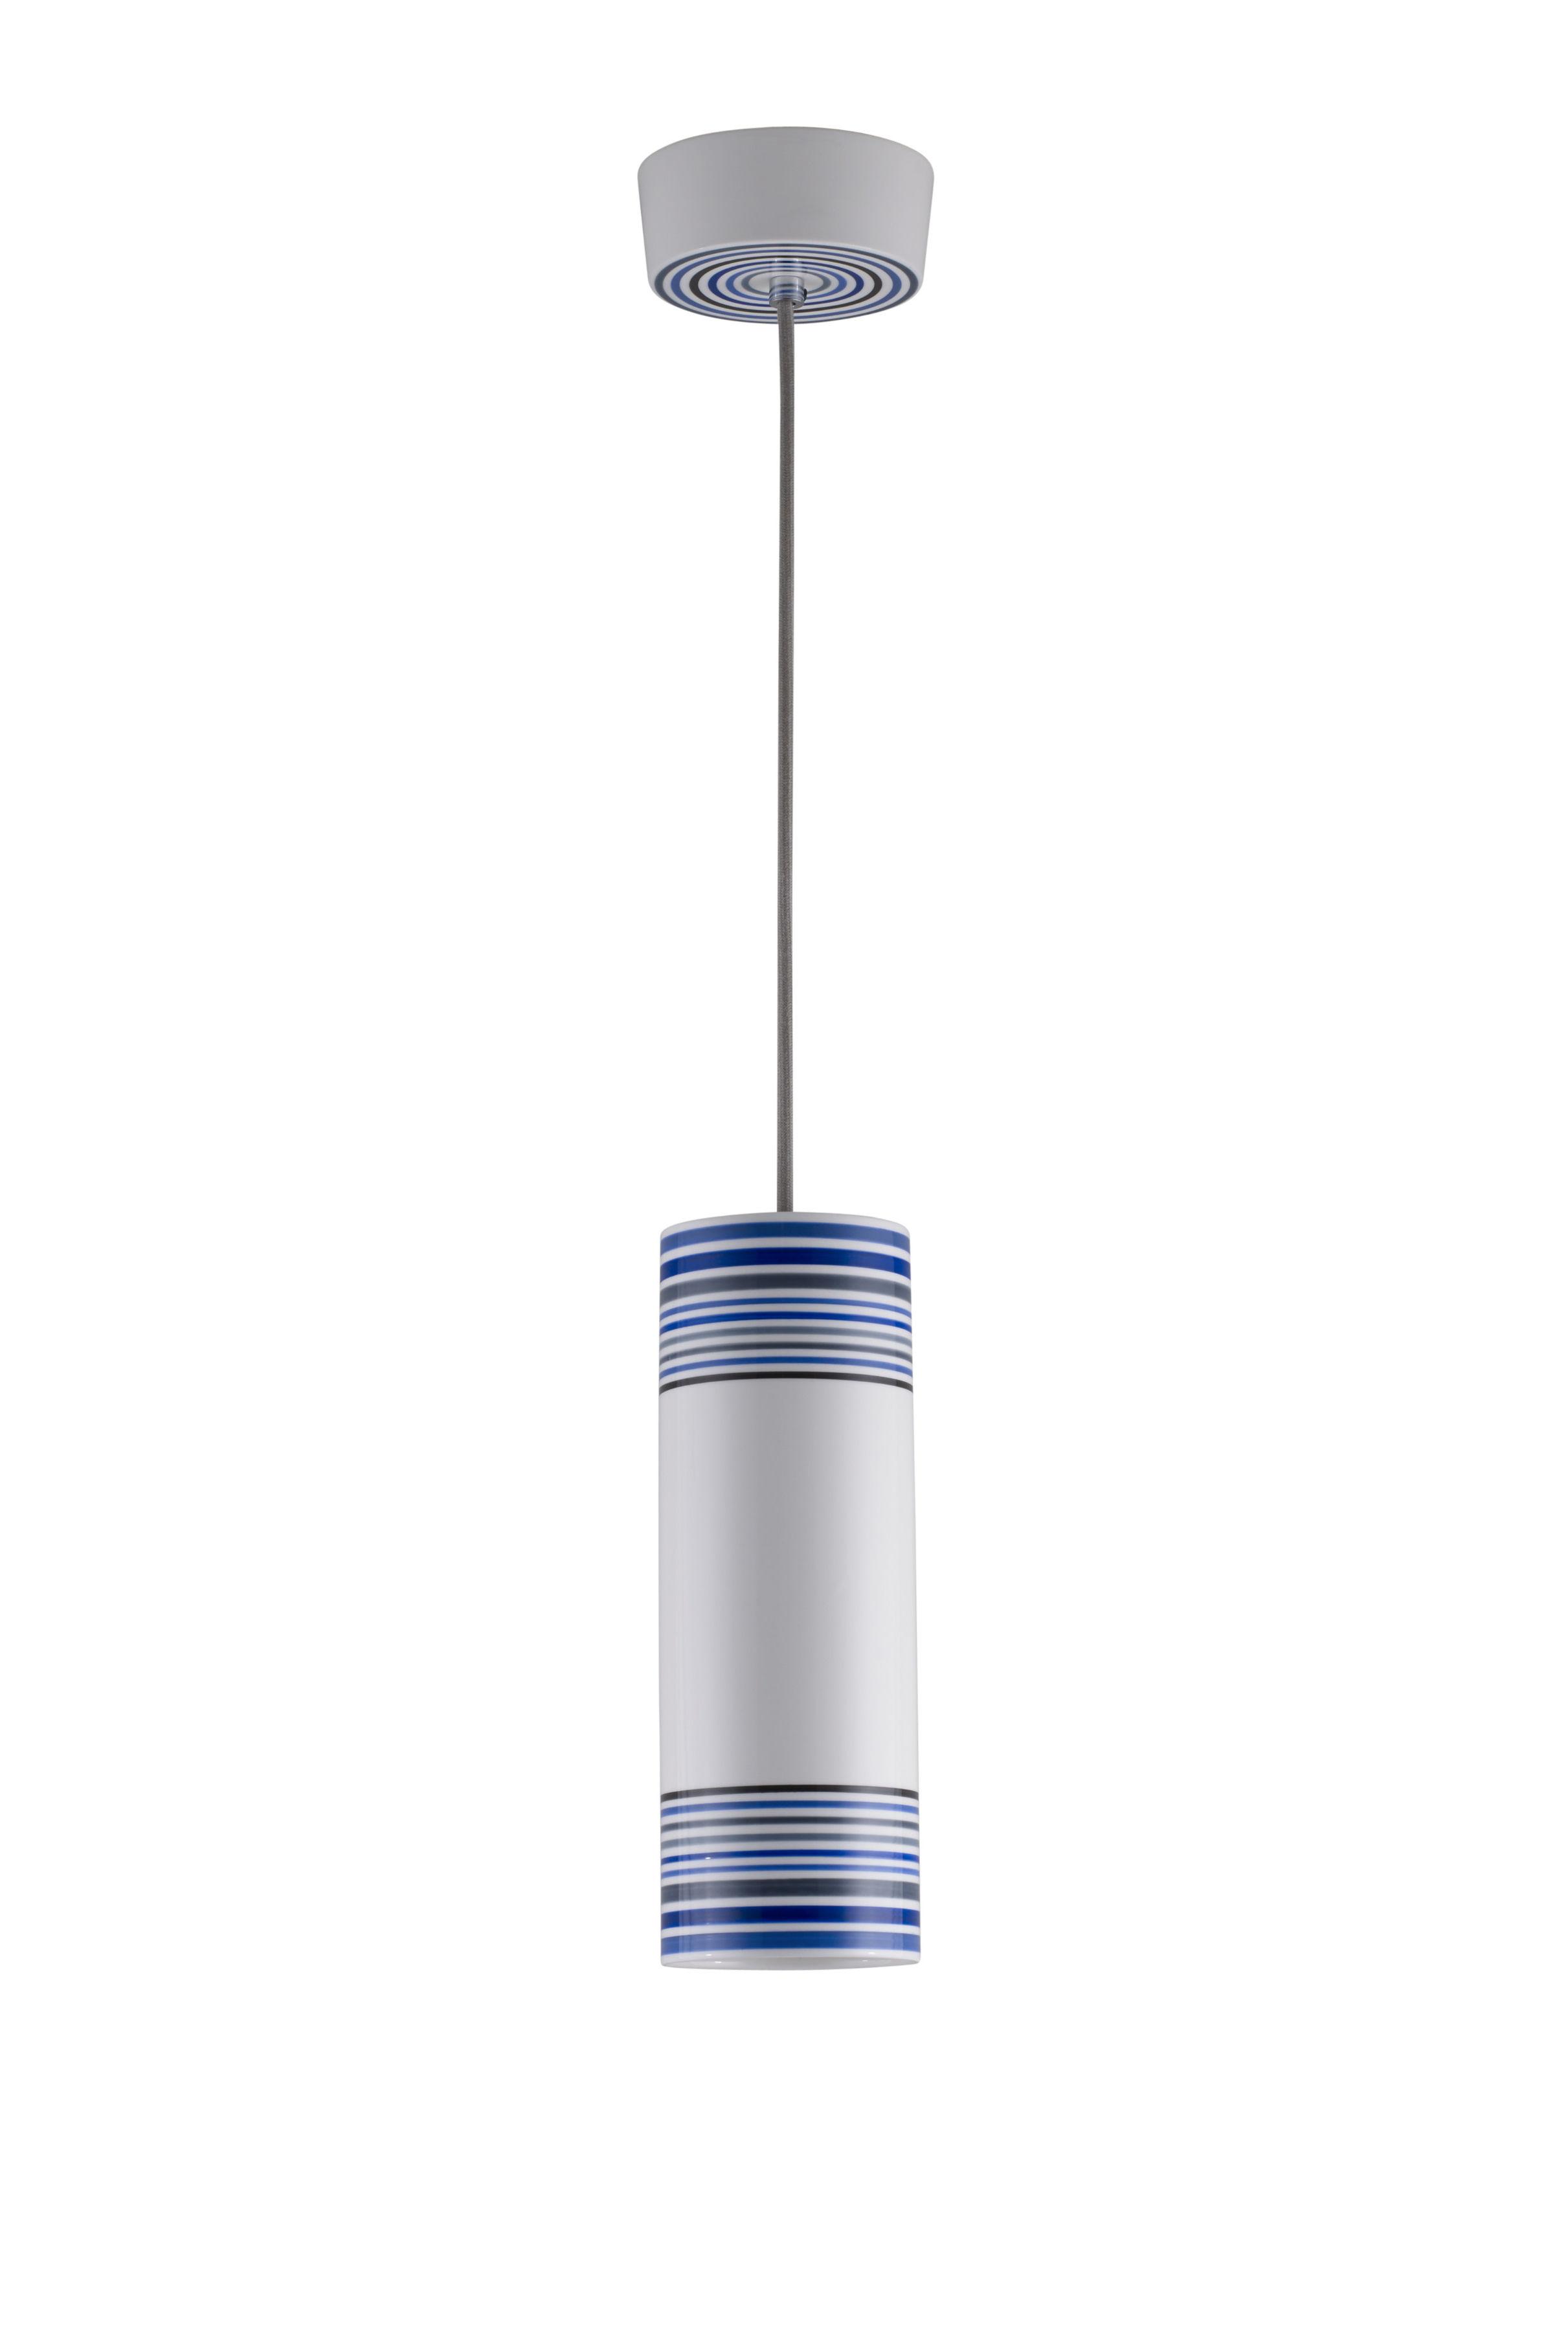 Leuchten - Pendelleuchten - May Pendelleuchte / handbemalt - Ø 10 cm x H 28 cm - Original BTC - Größe 1 / Streifen blau - Porzellan